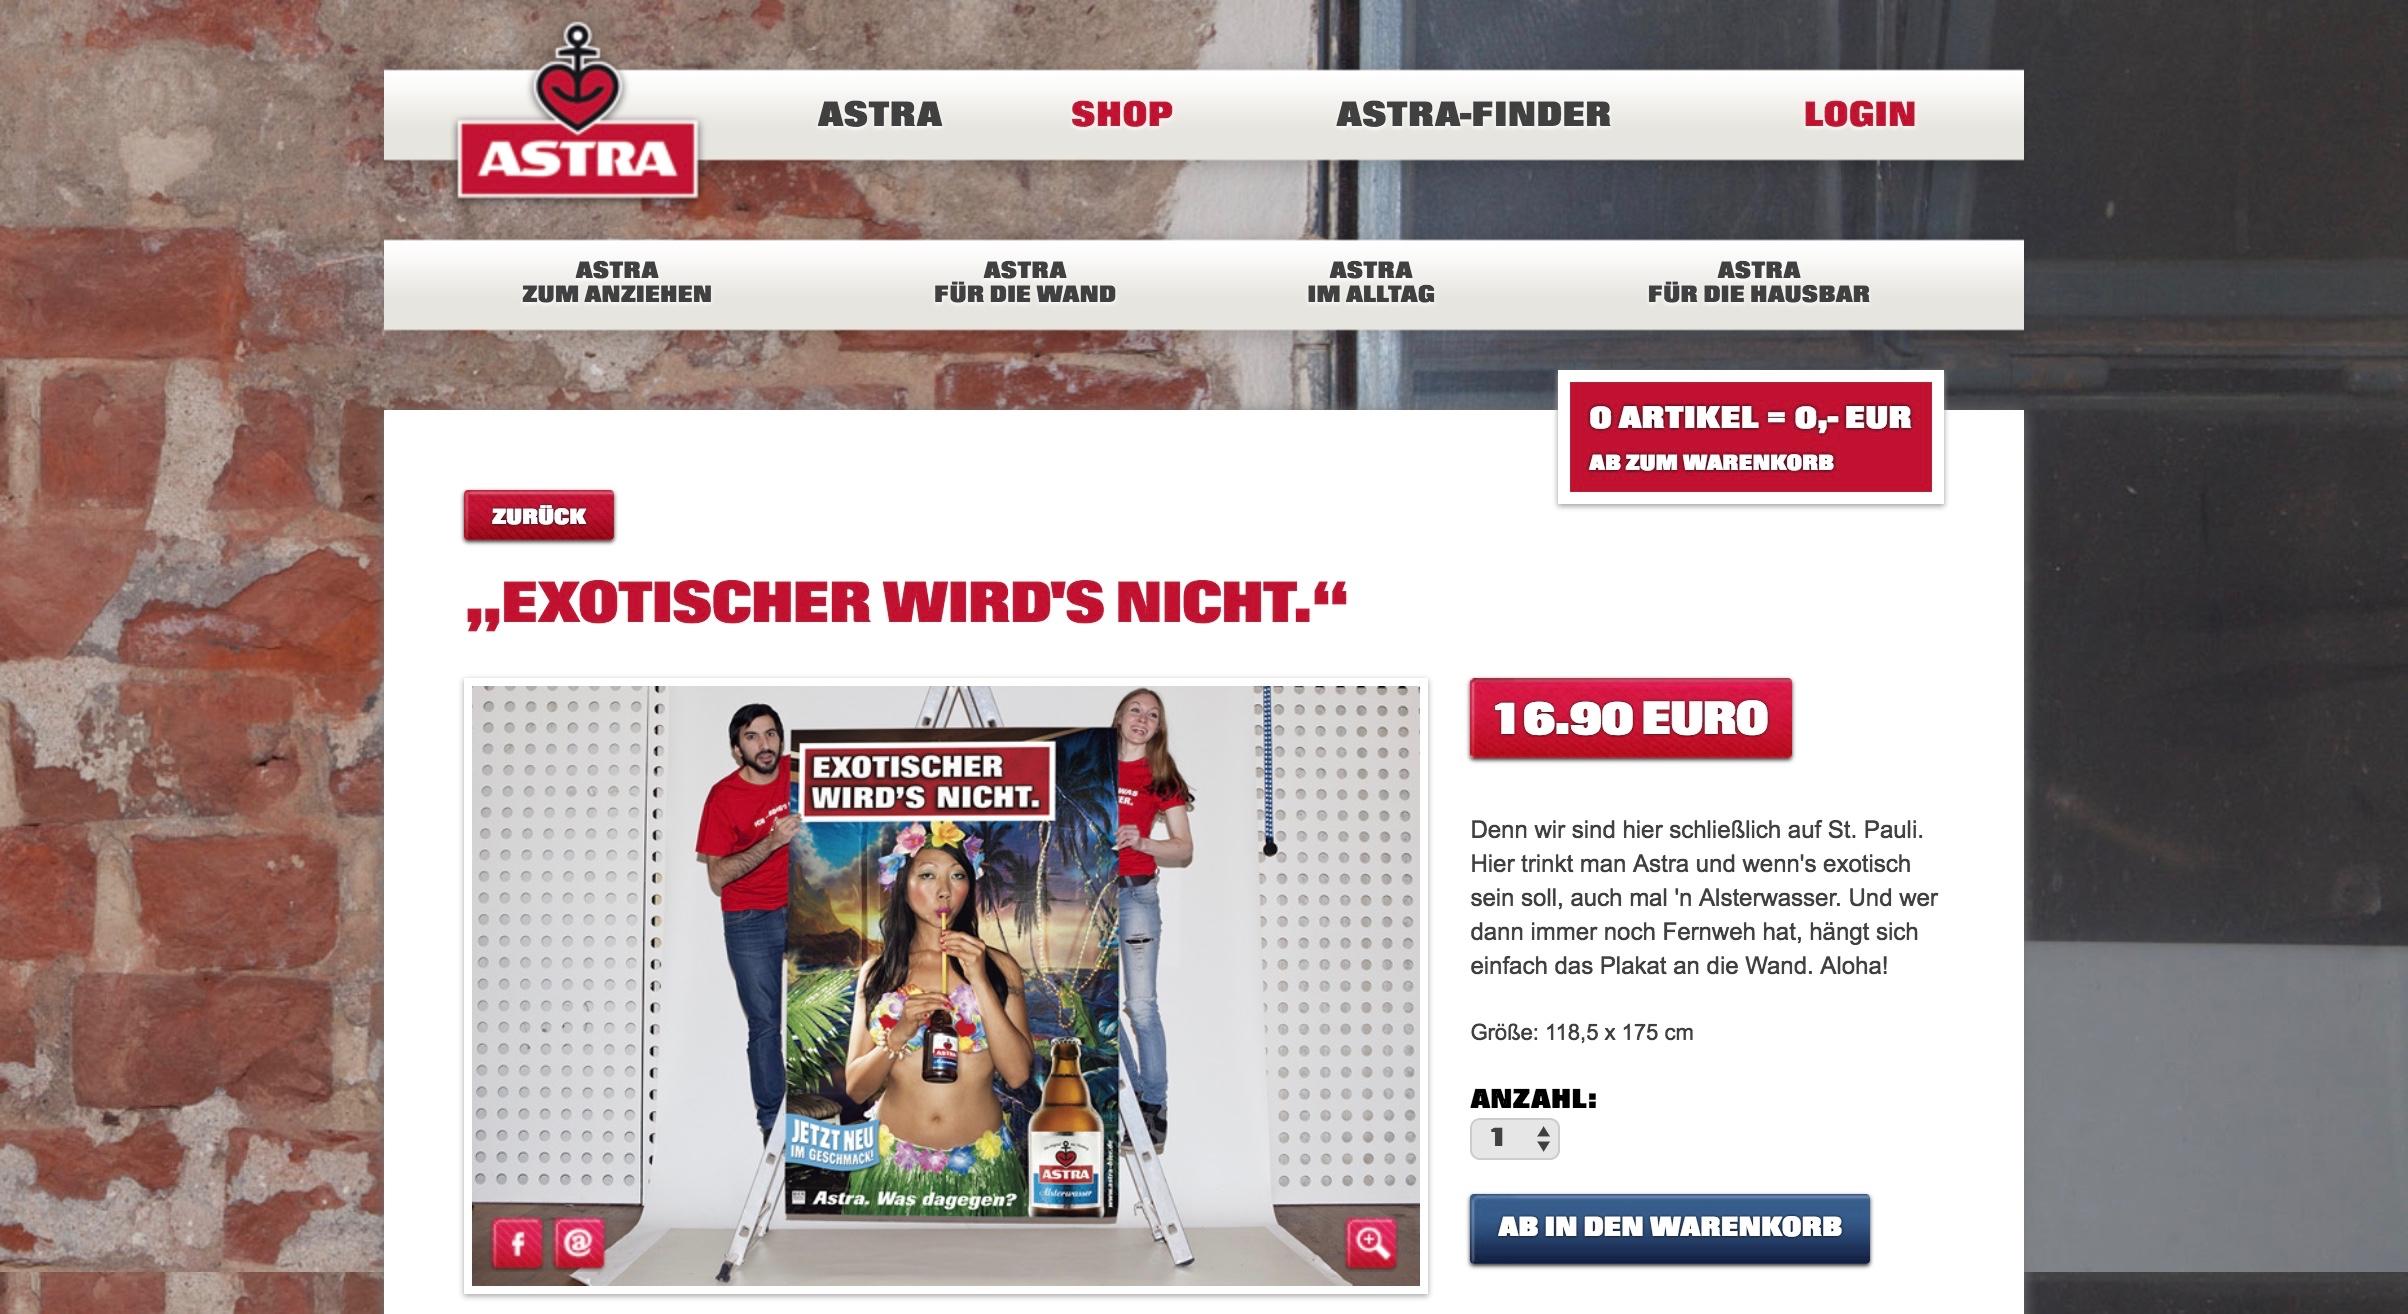 Astra Online Shop Plakat Exotischer wird's nicht